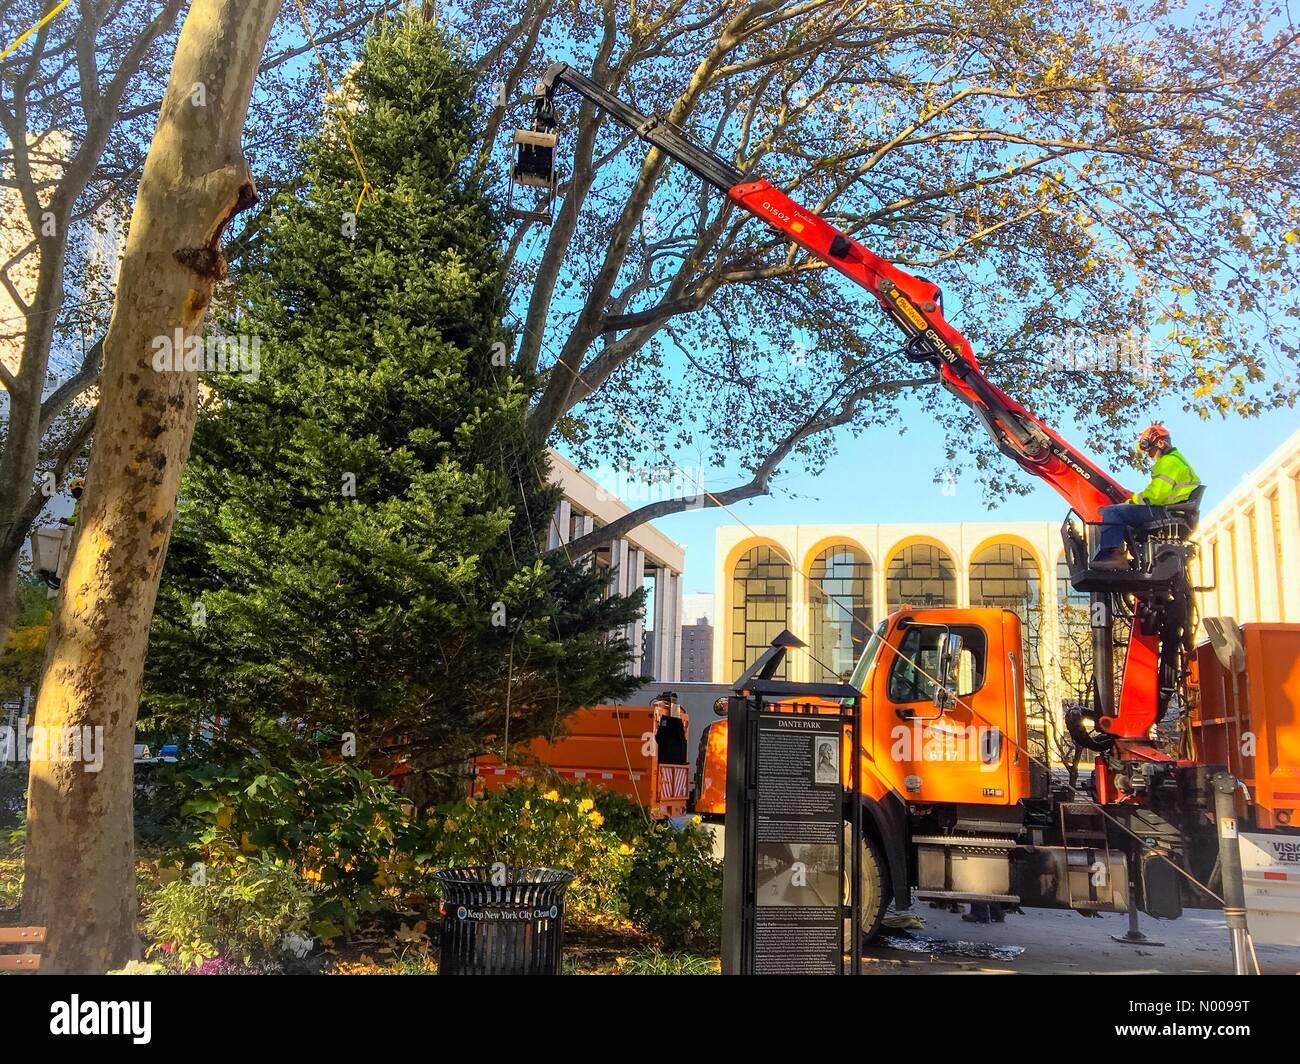 New York, USA  14th Nov, 2016  Workmen put up the Christmas